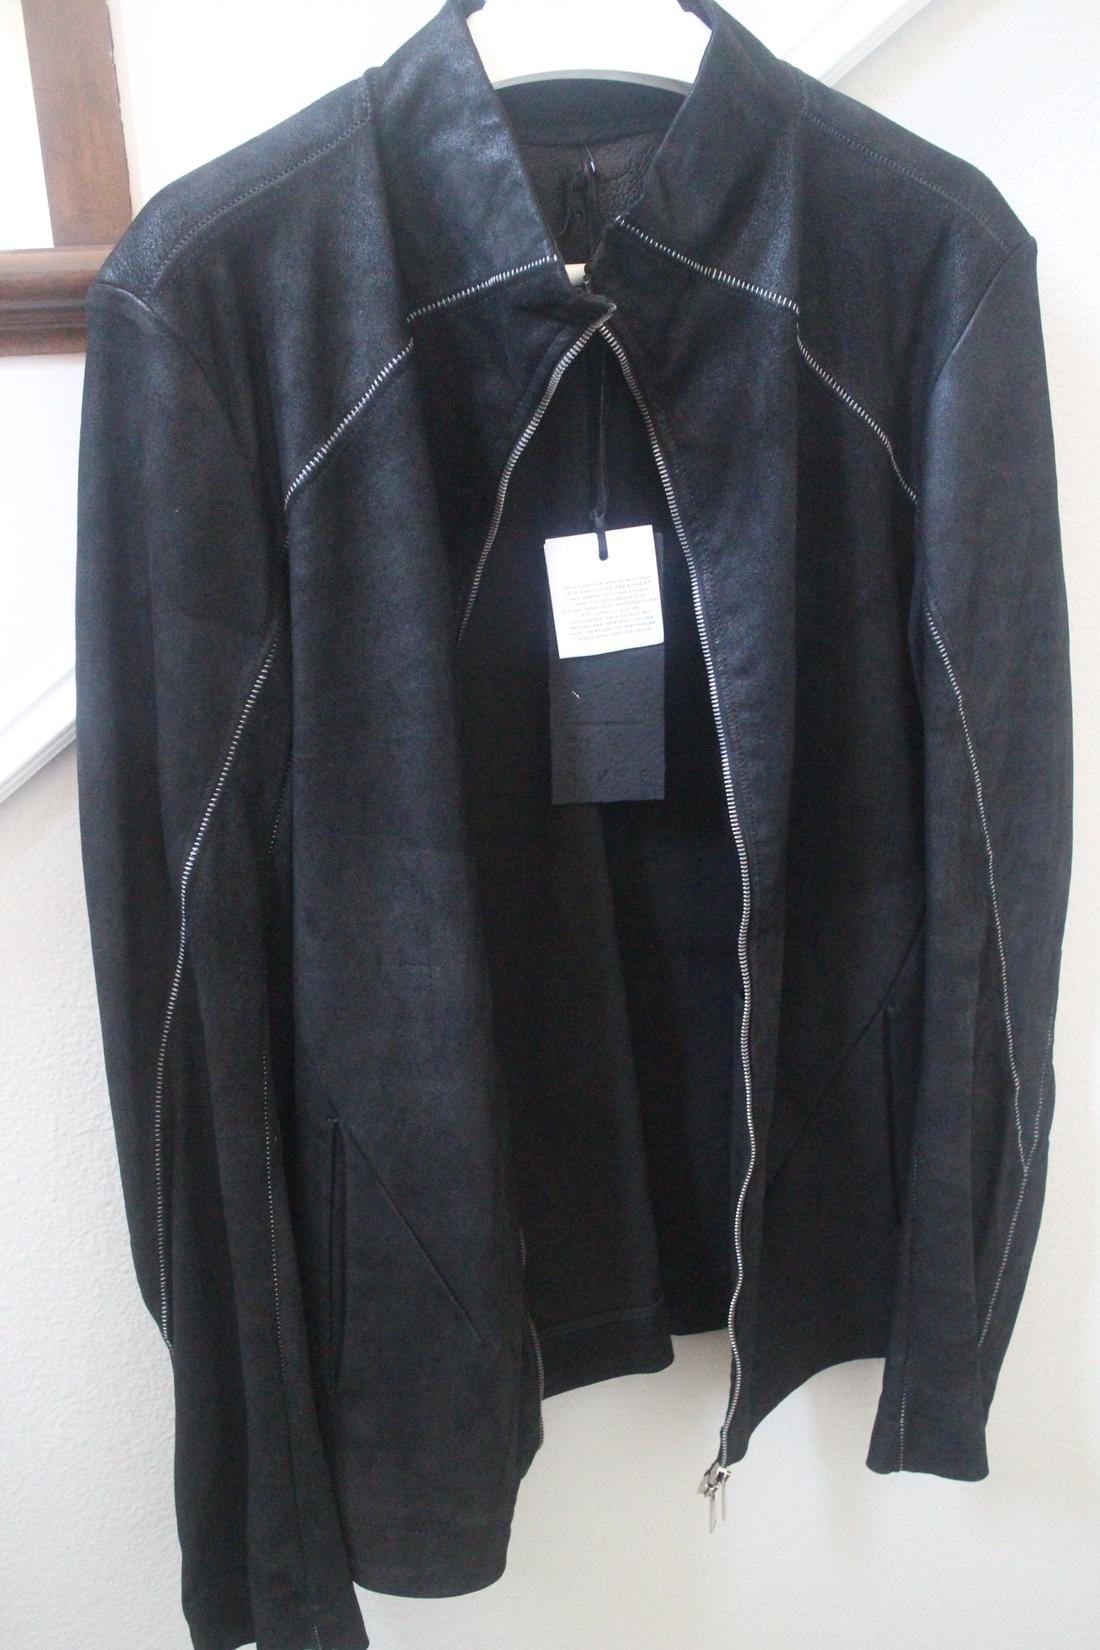 Leather jacket xl size -  10sei0otto Black Lamb Blistered Overlock Detail Leather Jacket Xl Size Us Xl Eu 56